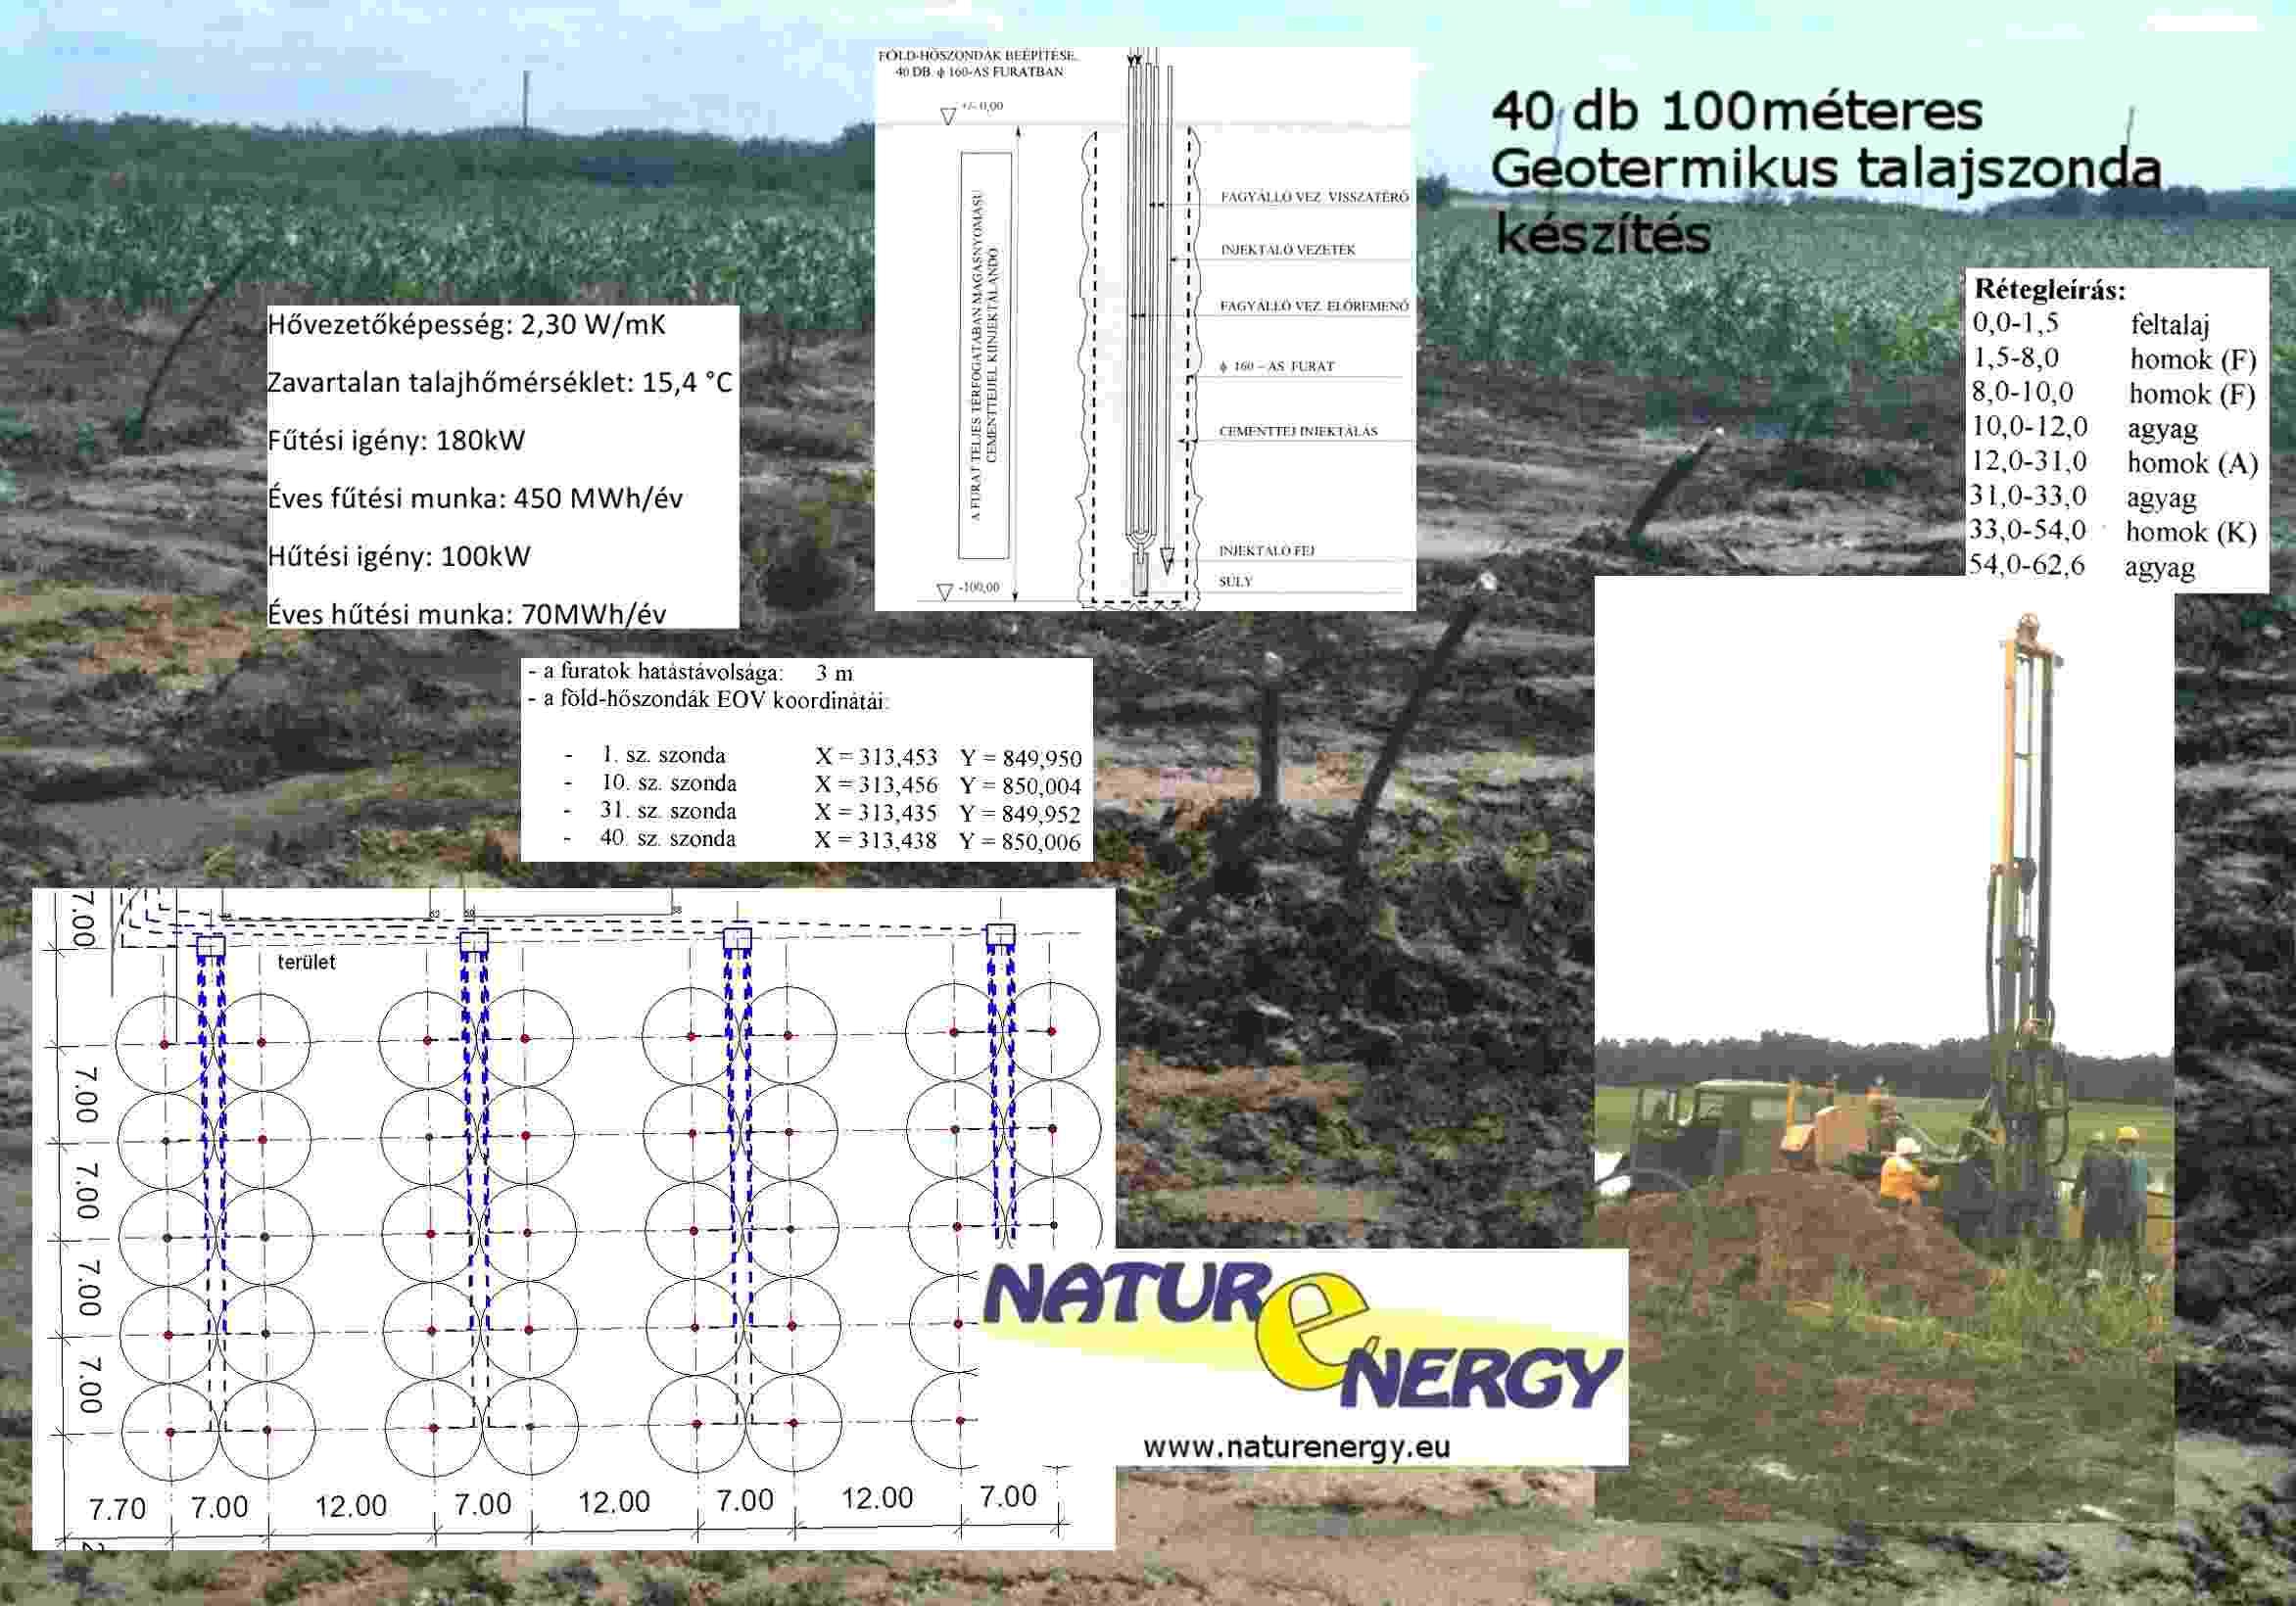 Rendelőintézet geotermikus talajszonda készítése